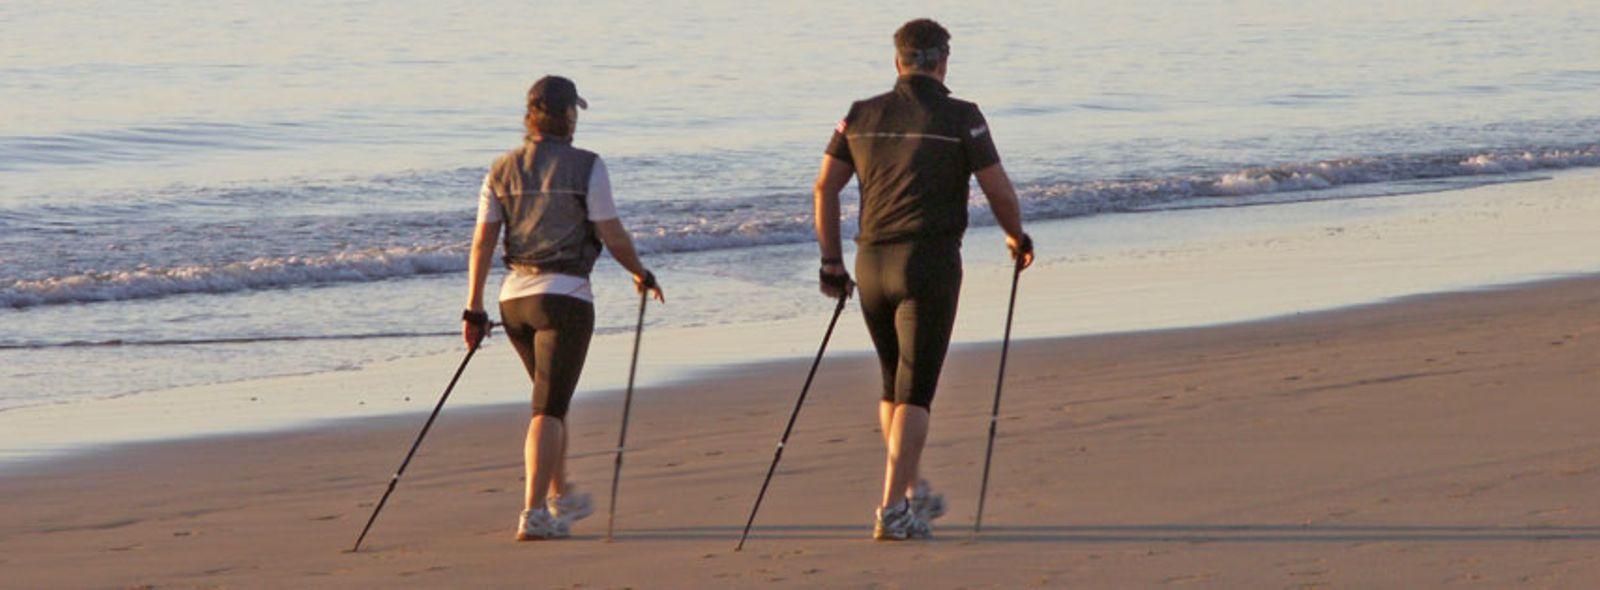 Nordic Walking tecnica e benefici